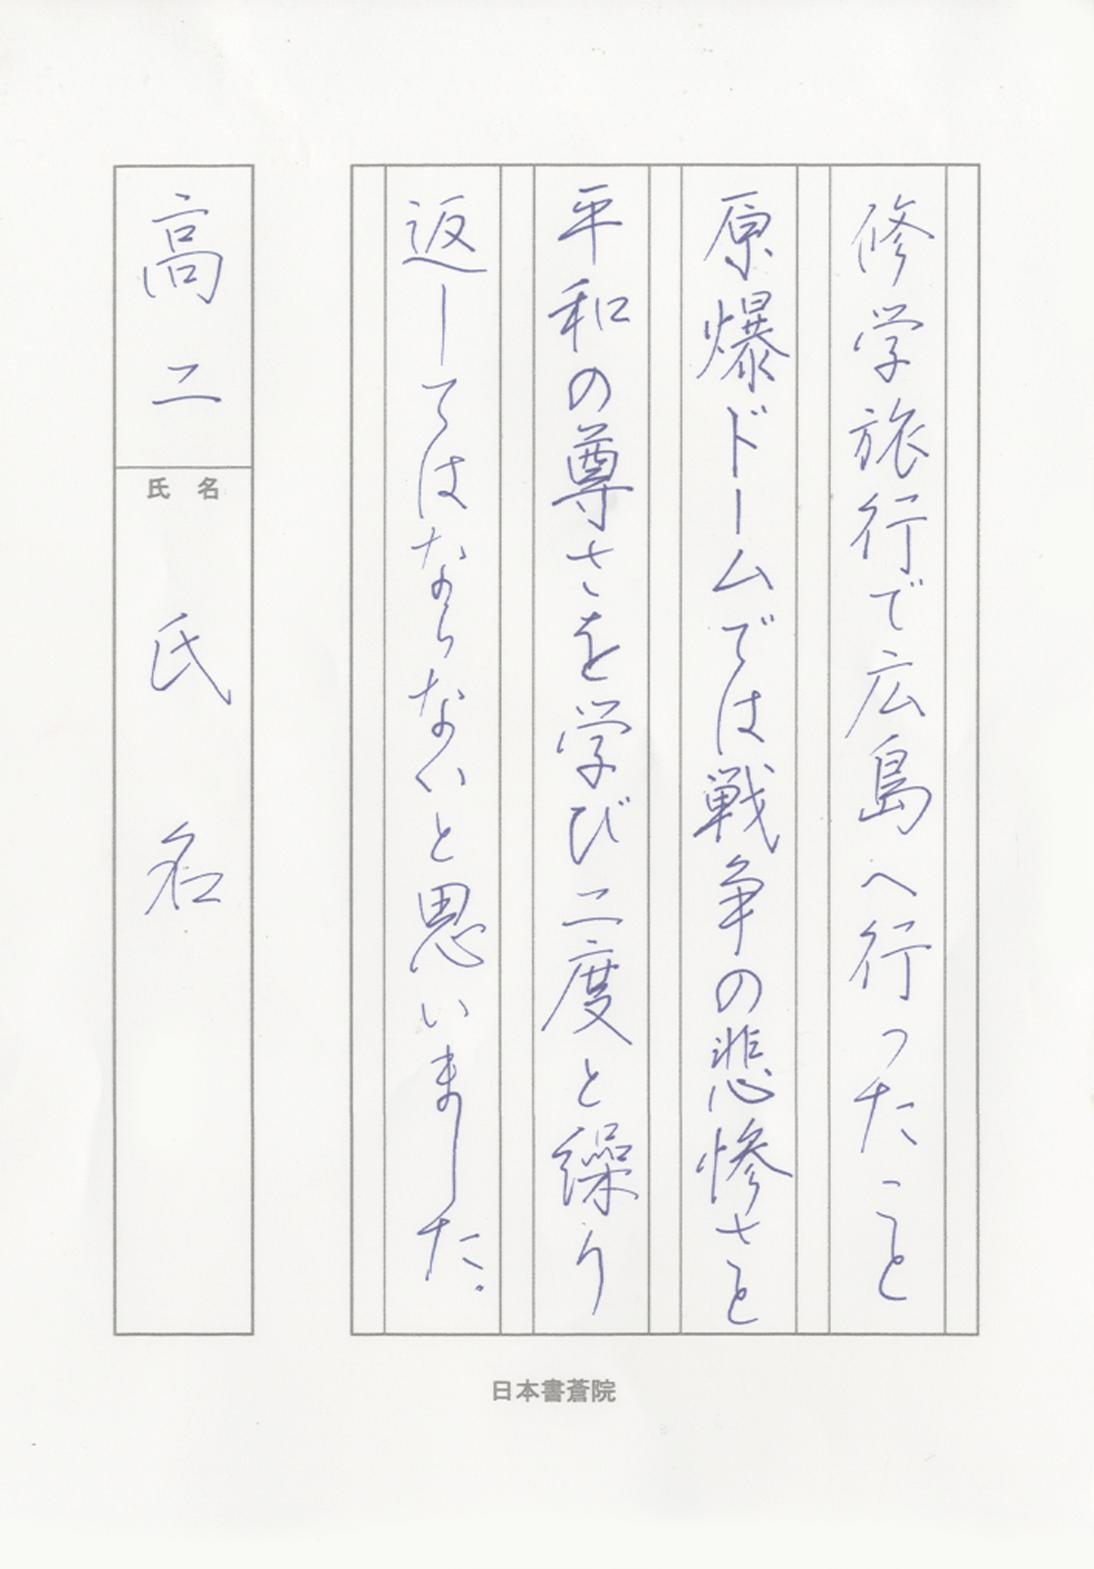 見本 ペン 習字